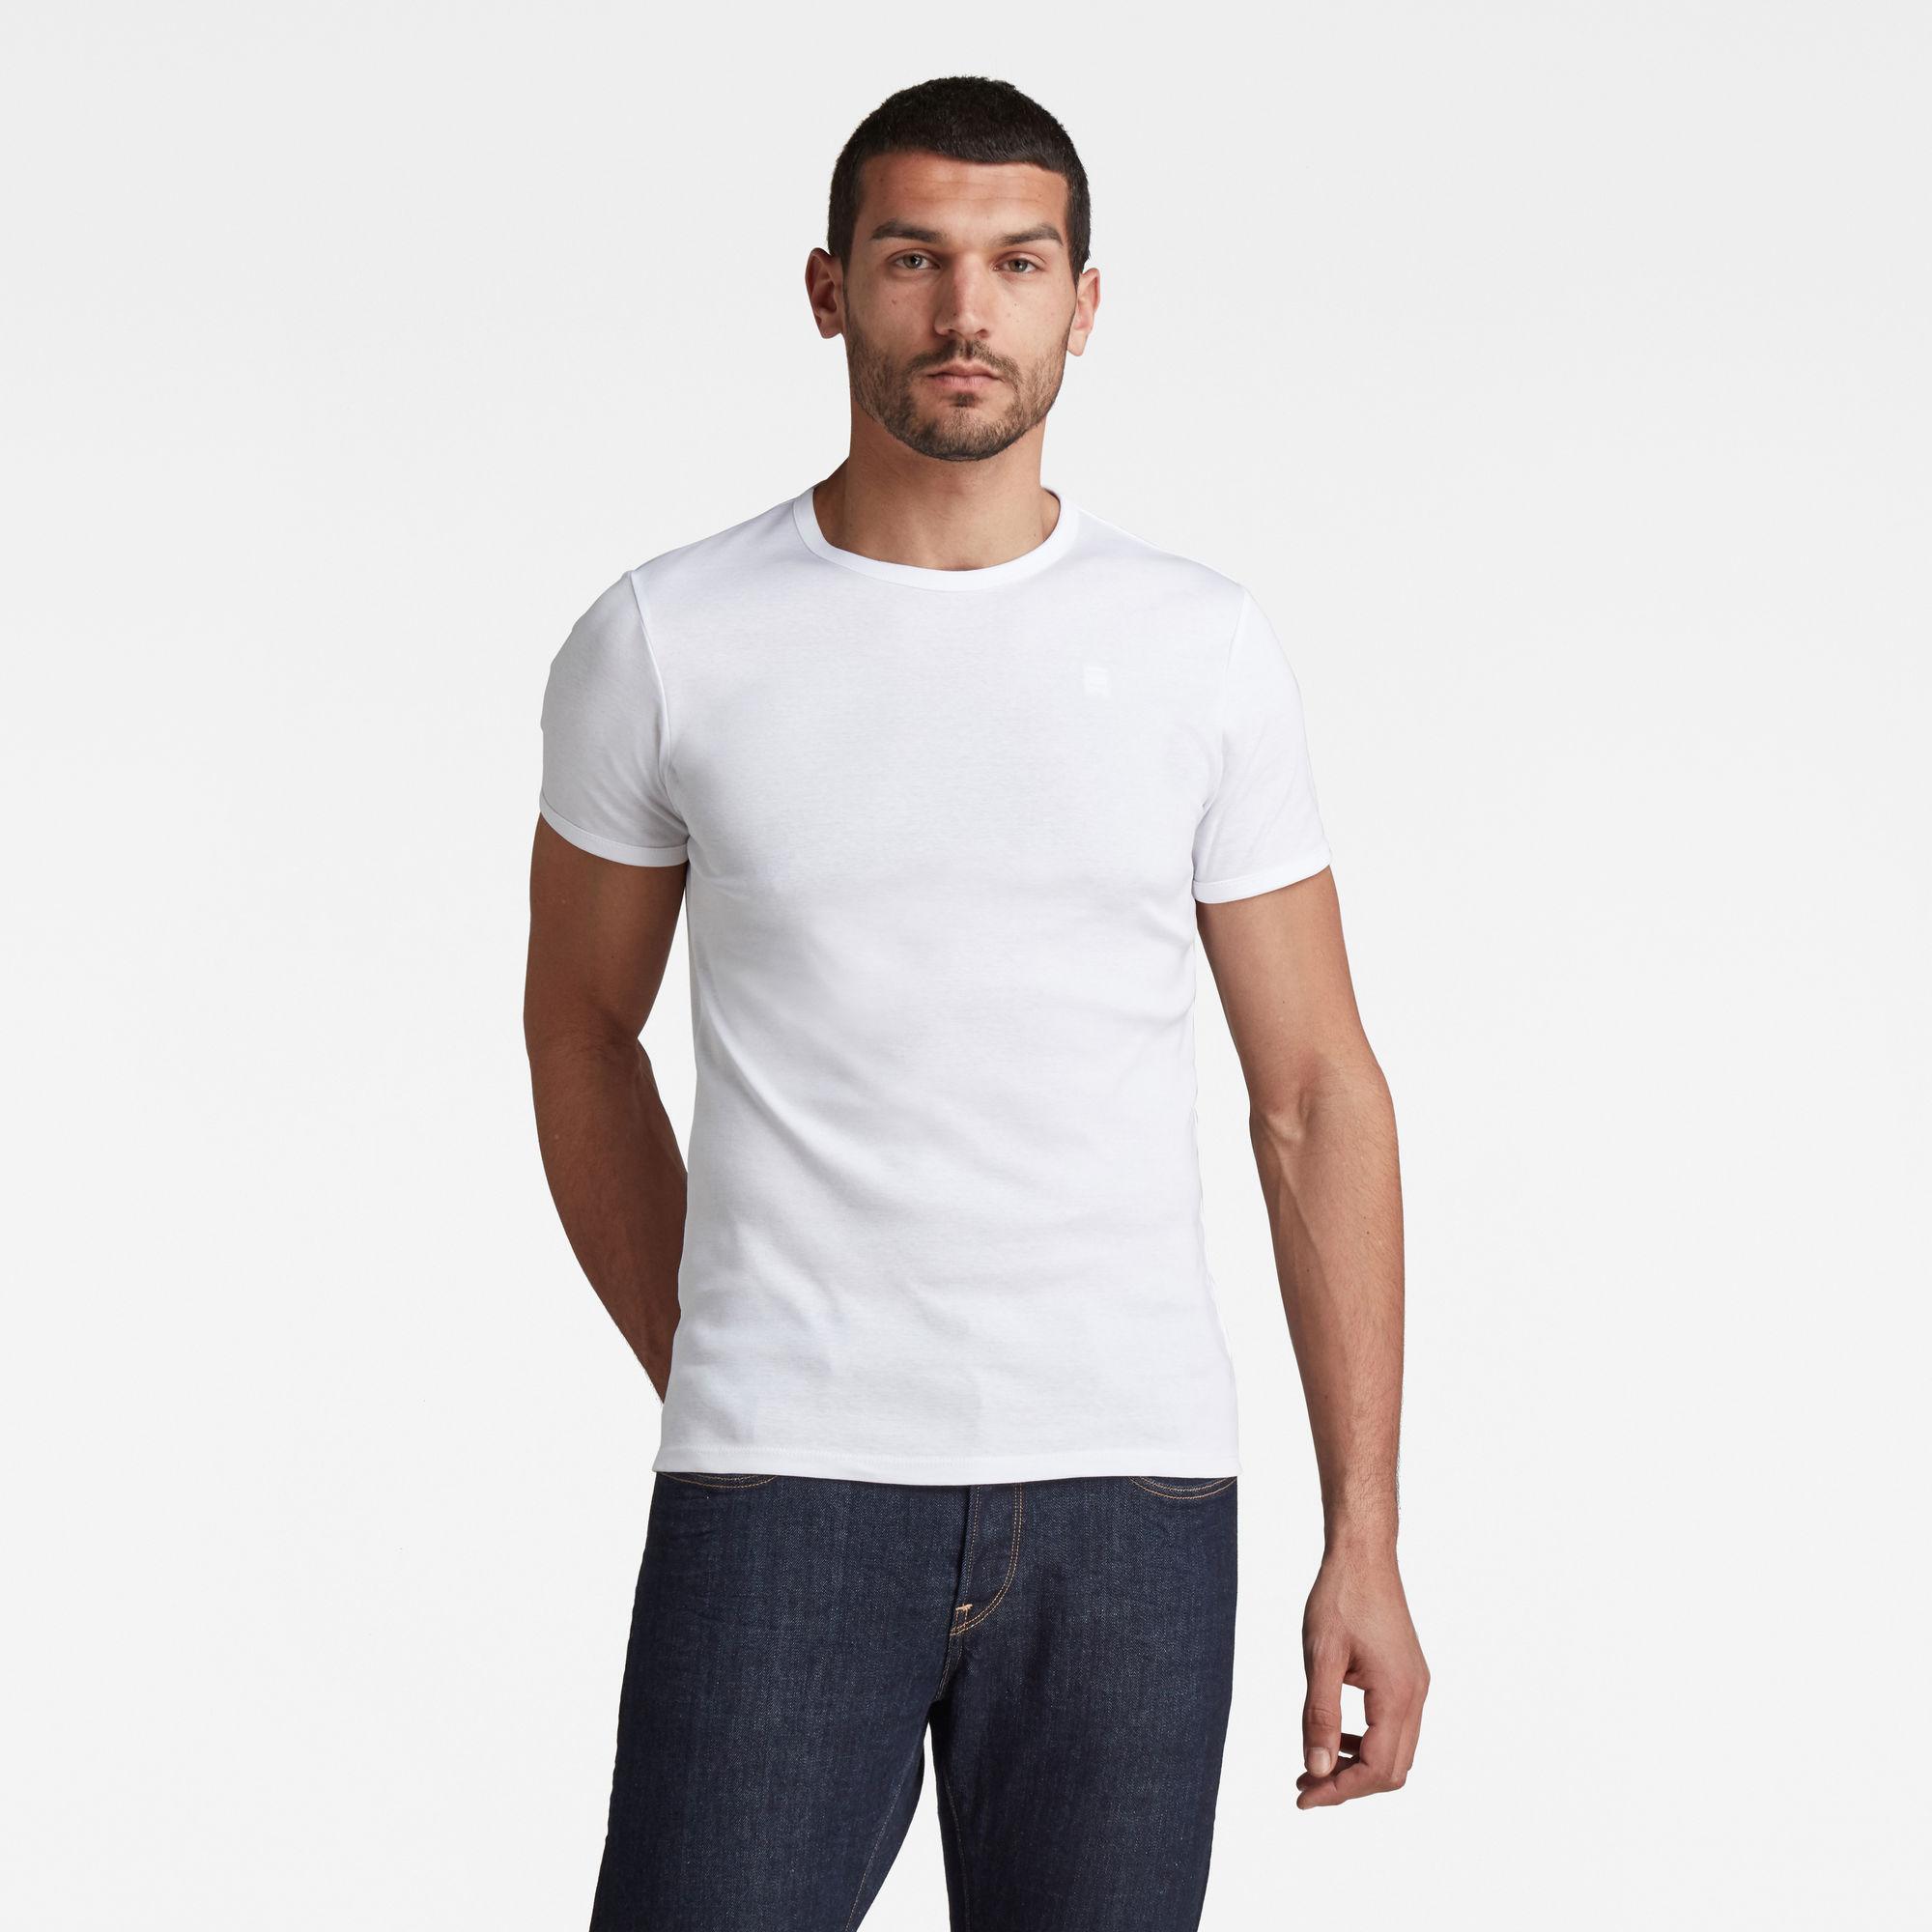 G-Star RAW Heren Base T-Shirt - set van 2 Meerkleurig